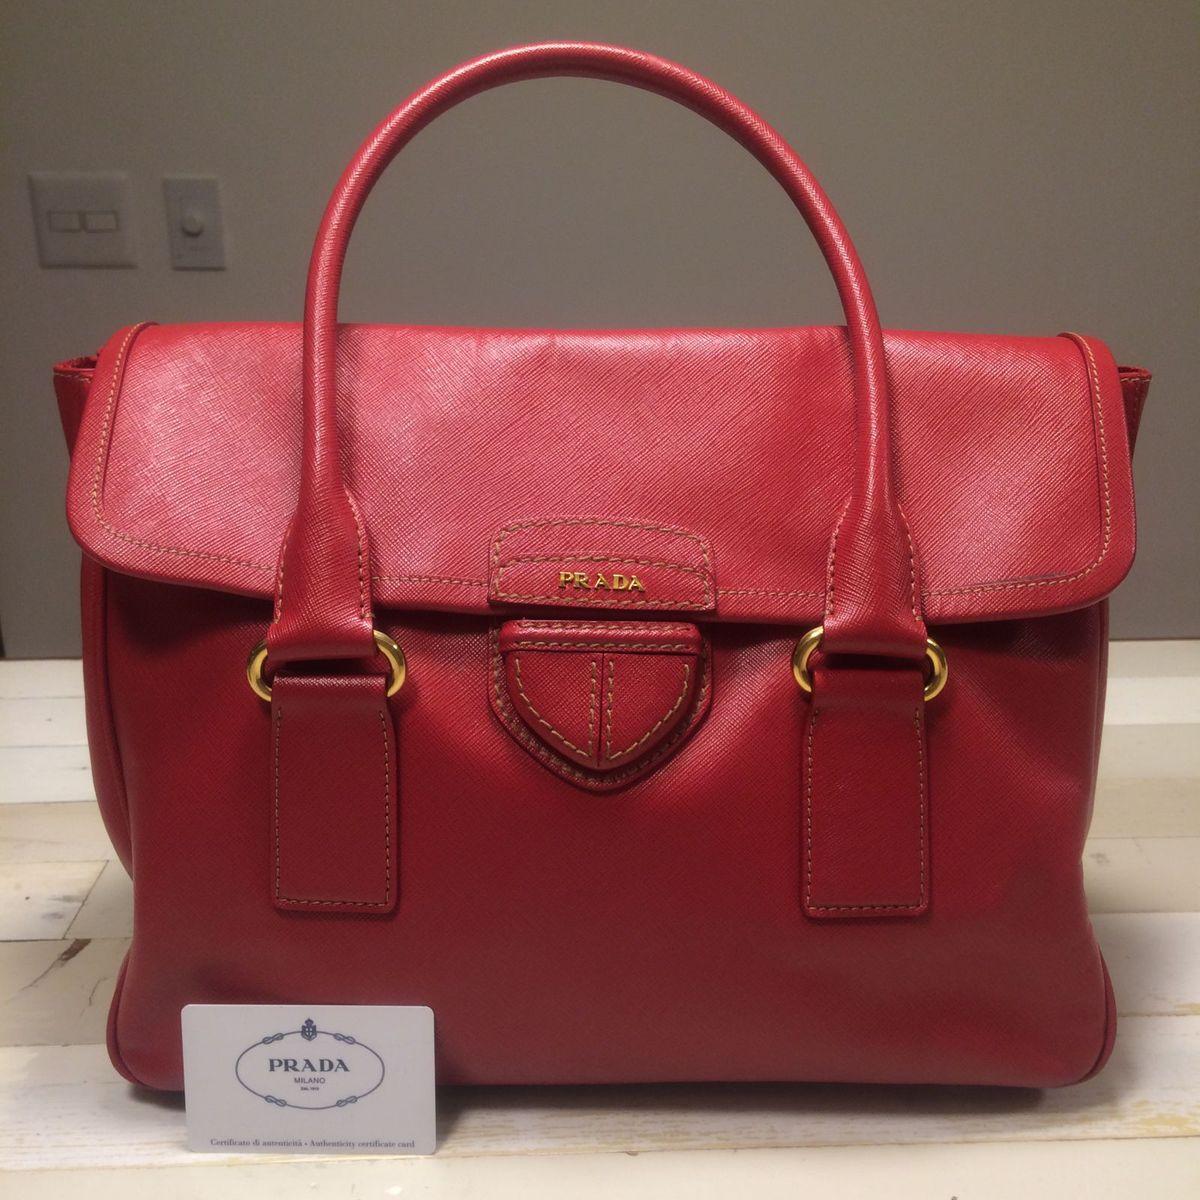 3dc18f4a3 Bolsa Escândalo Vermelha Couro Prada | Bolsa de Ombro Feminina Prada Usado  1442289 | enjoei